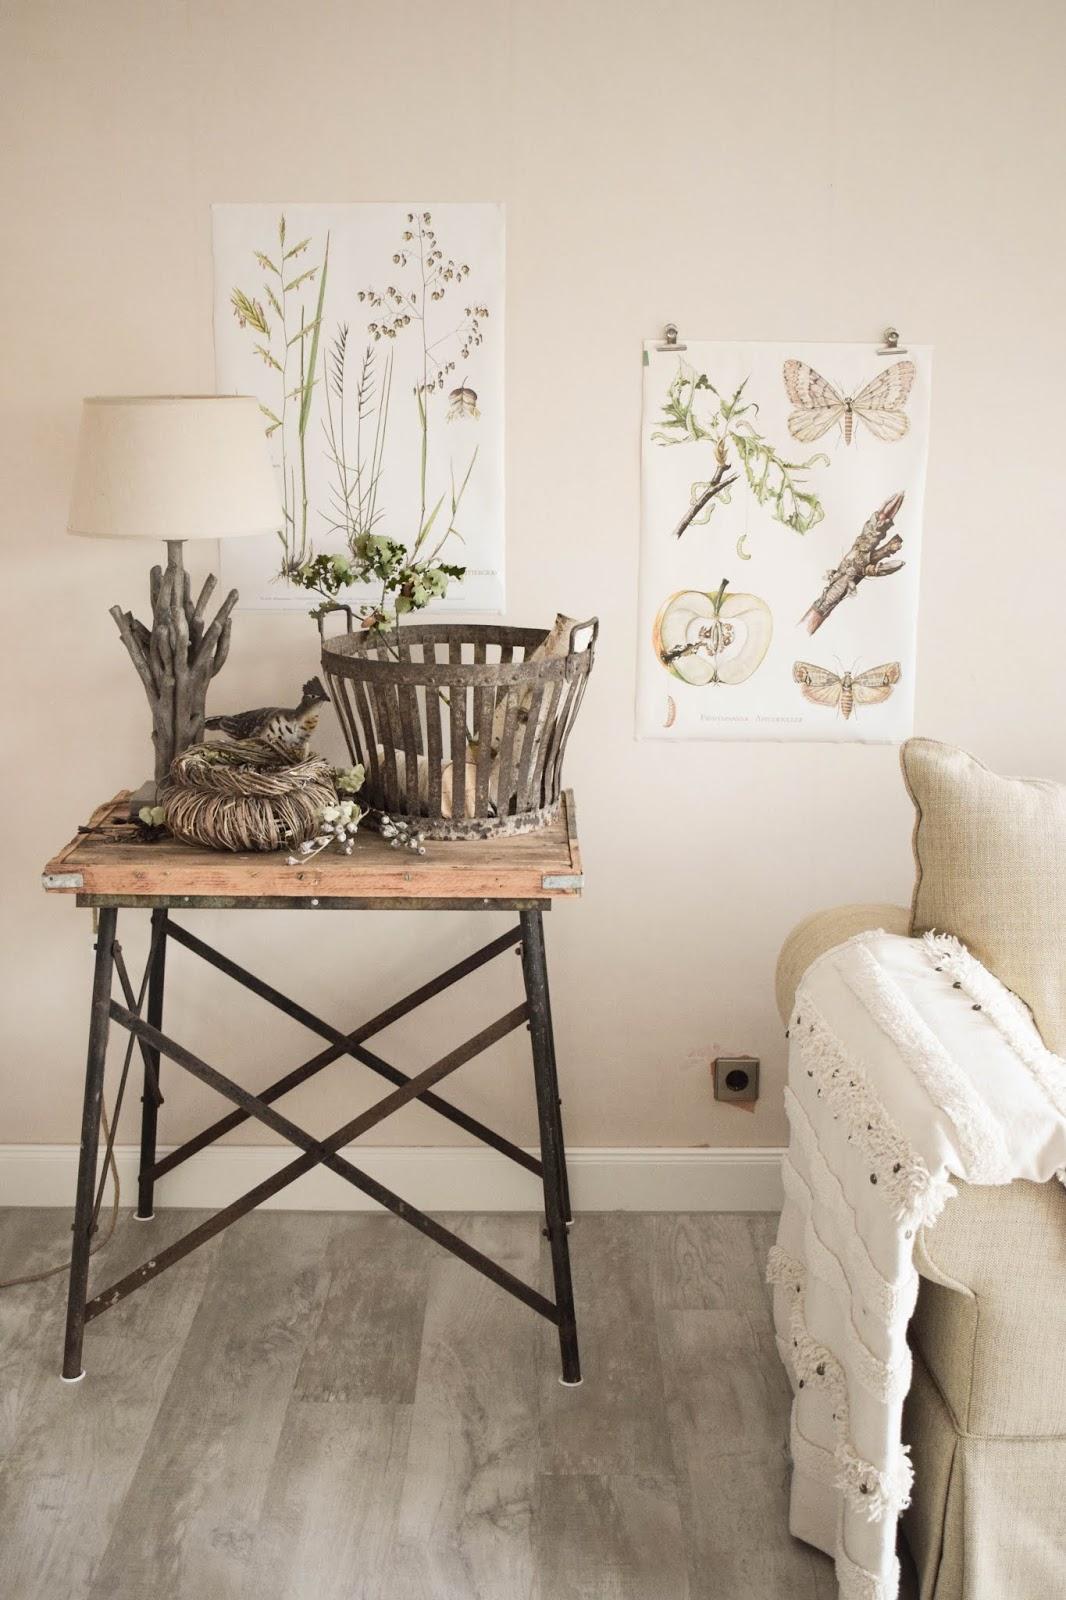 Deko Herbst Naturdeko natürlich dekorieren für Sideboard Konsole Kranz Flohmarkt Dekoidee wohnzimmer